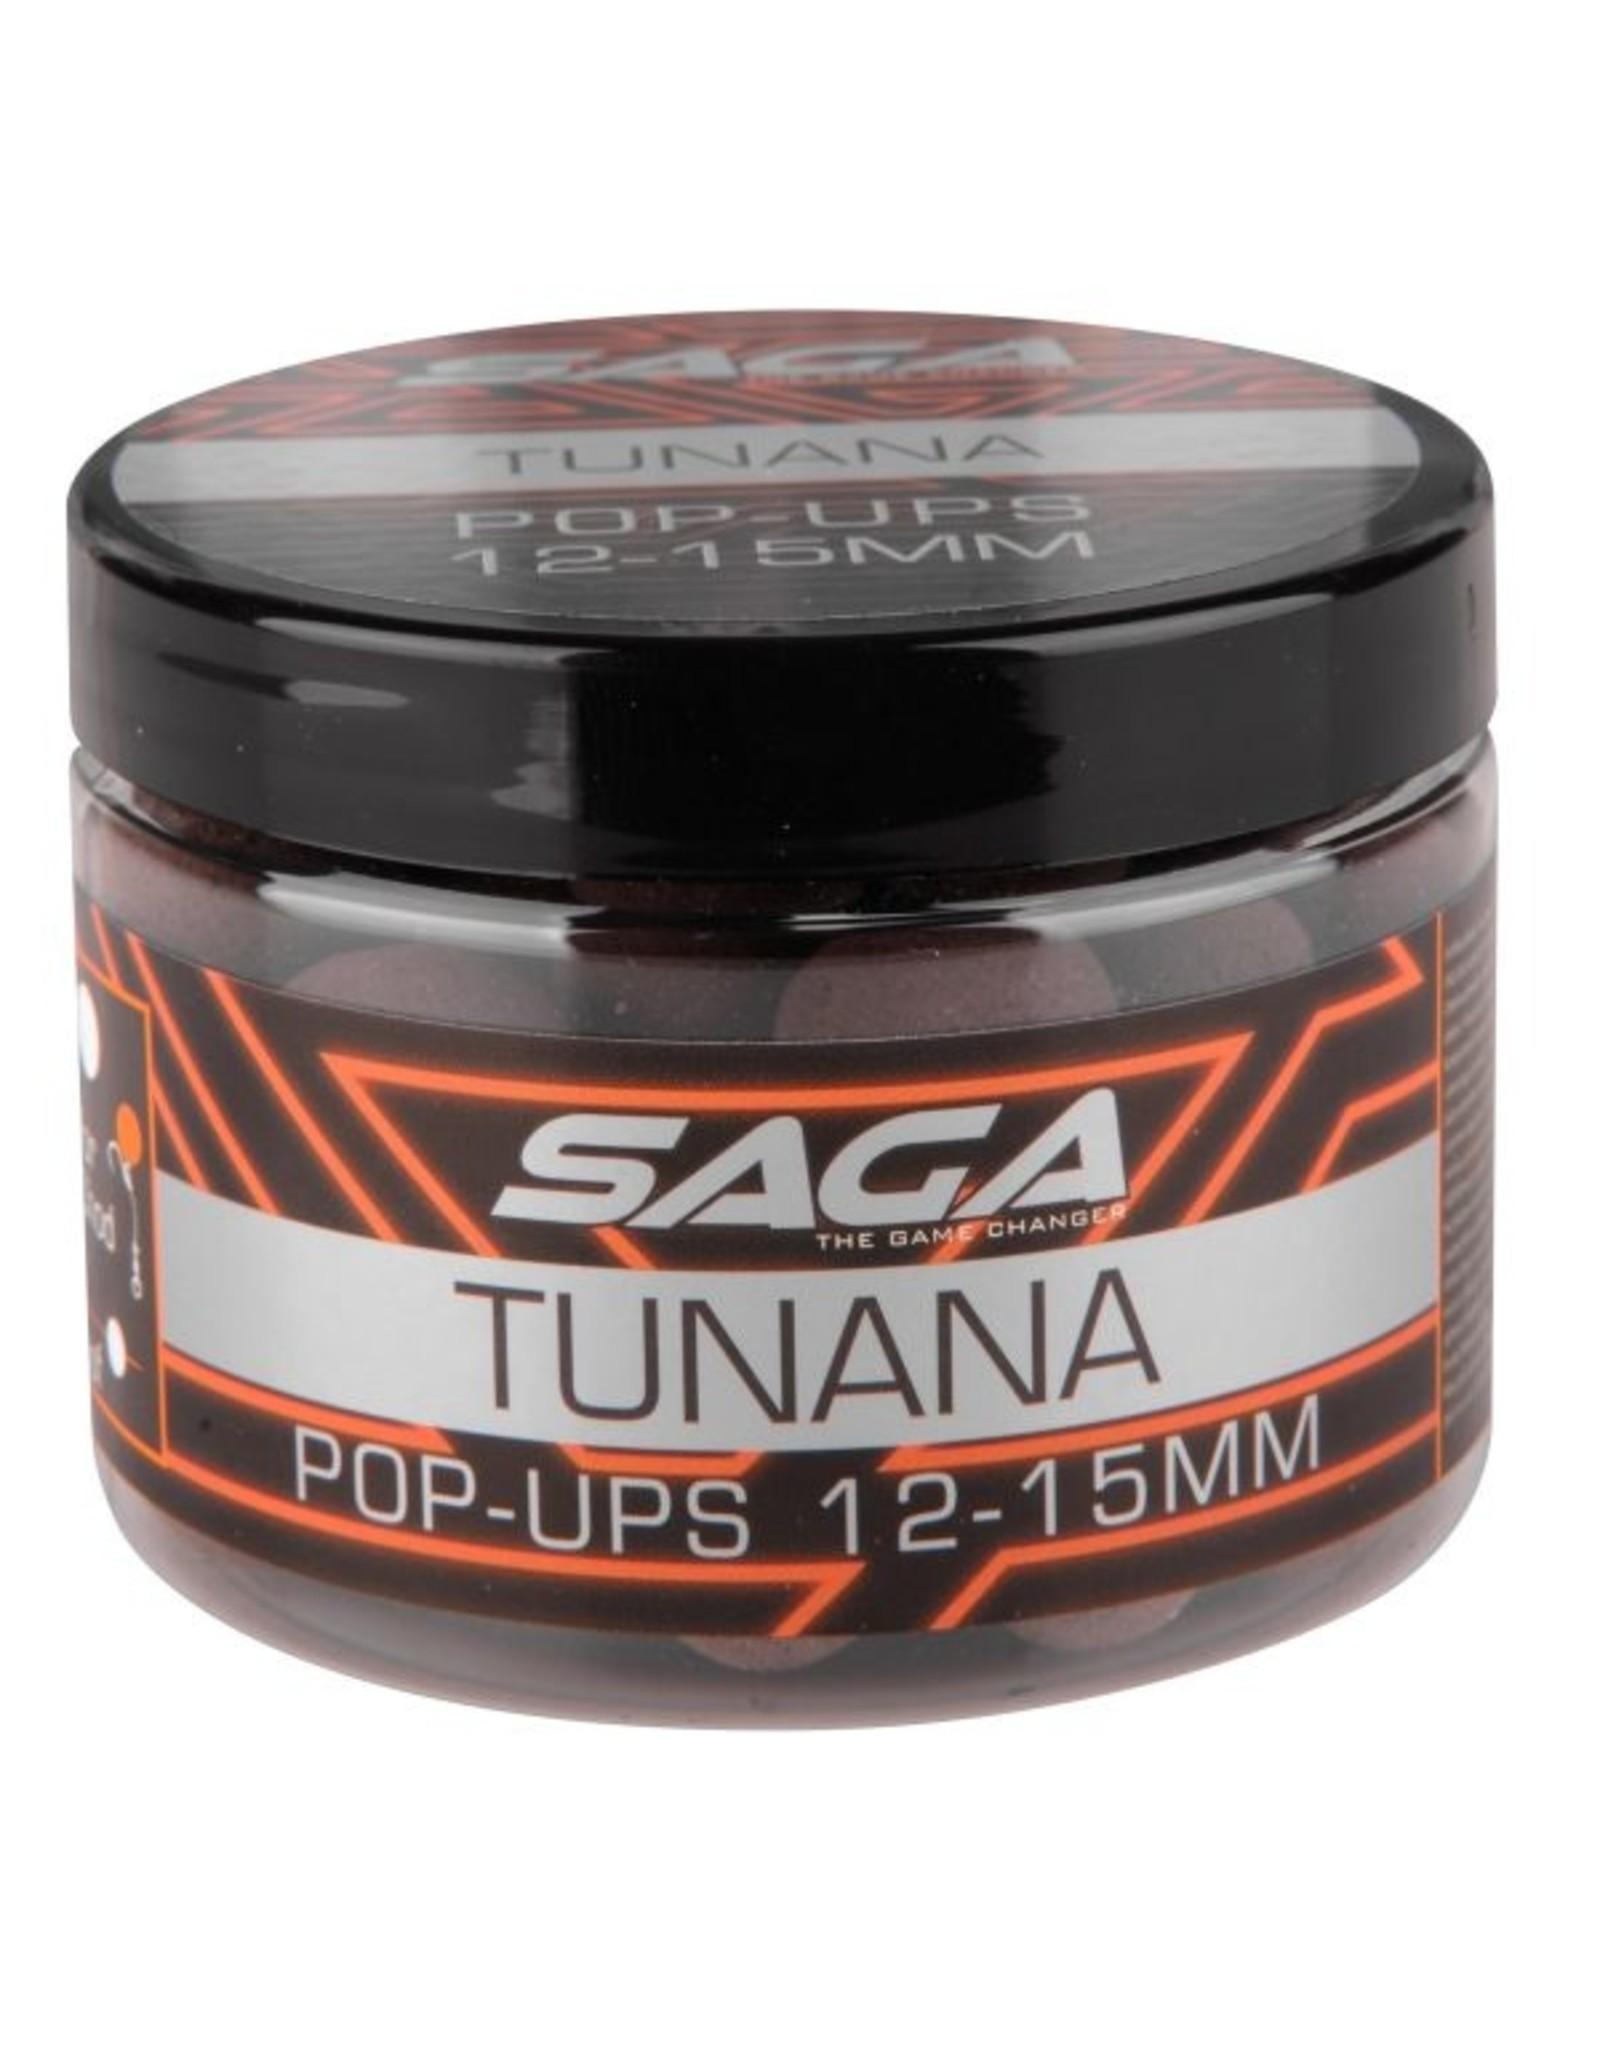 SAGA Saga Tunana 12&15mm